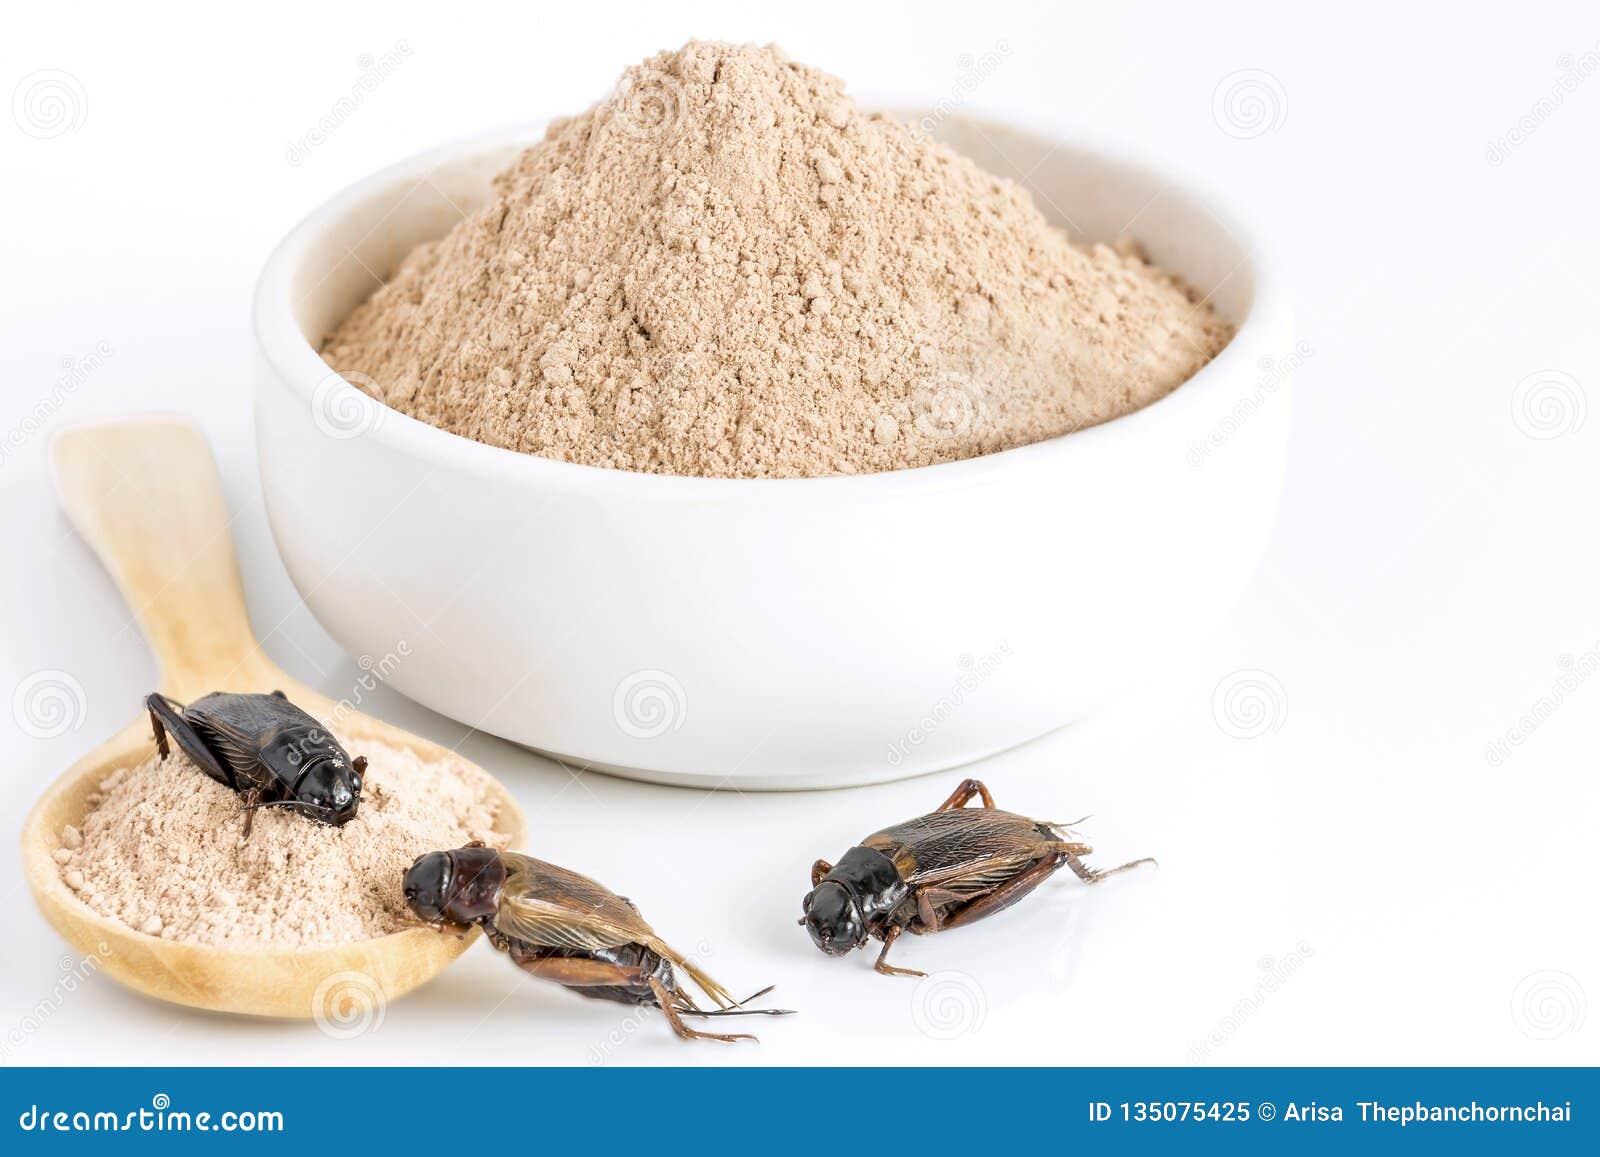 Insecte de poudre de cricket pour manger comme produits alimentaires faits de viande cuite d insecte dans la cuvette et cuillère